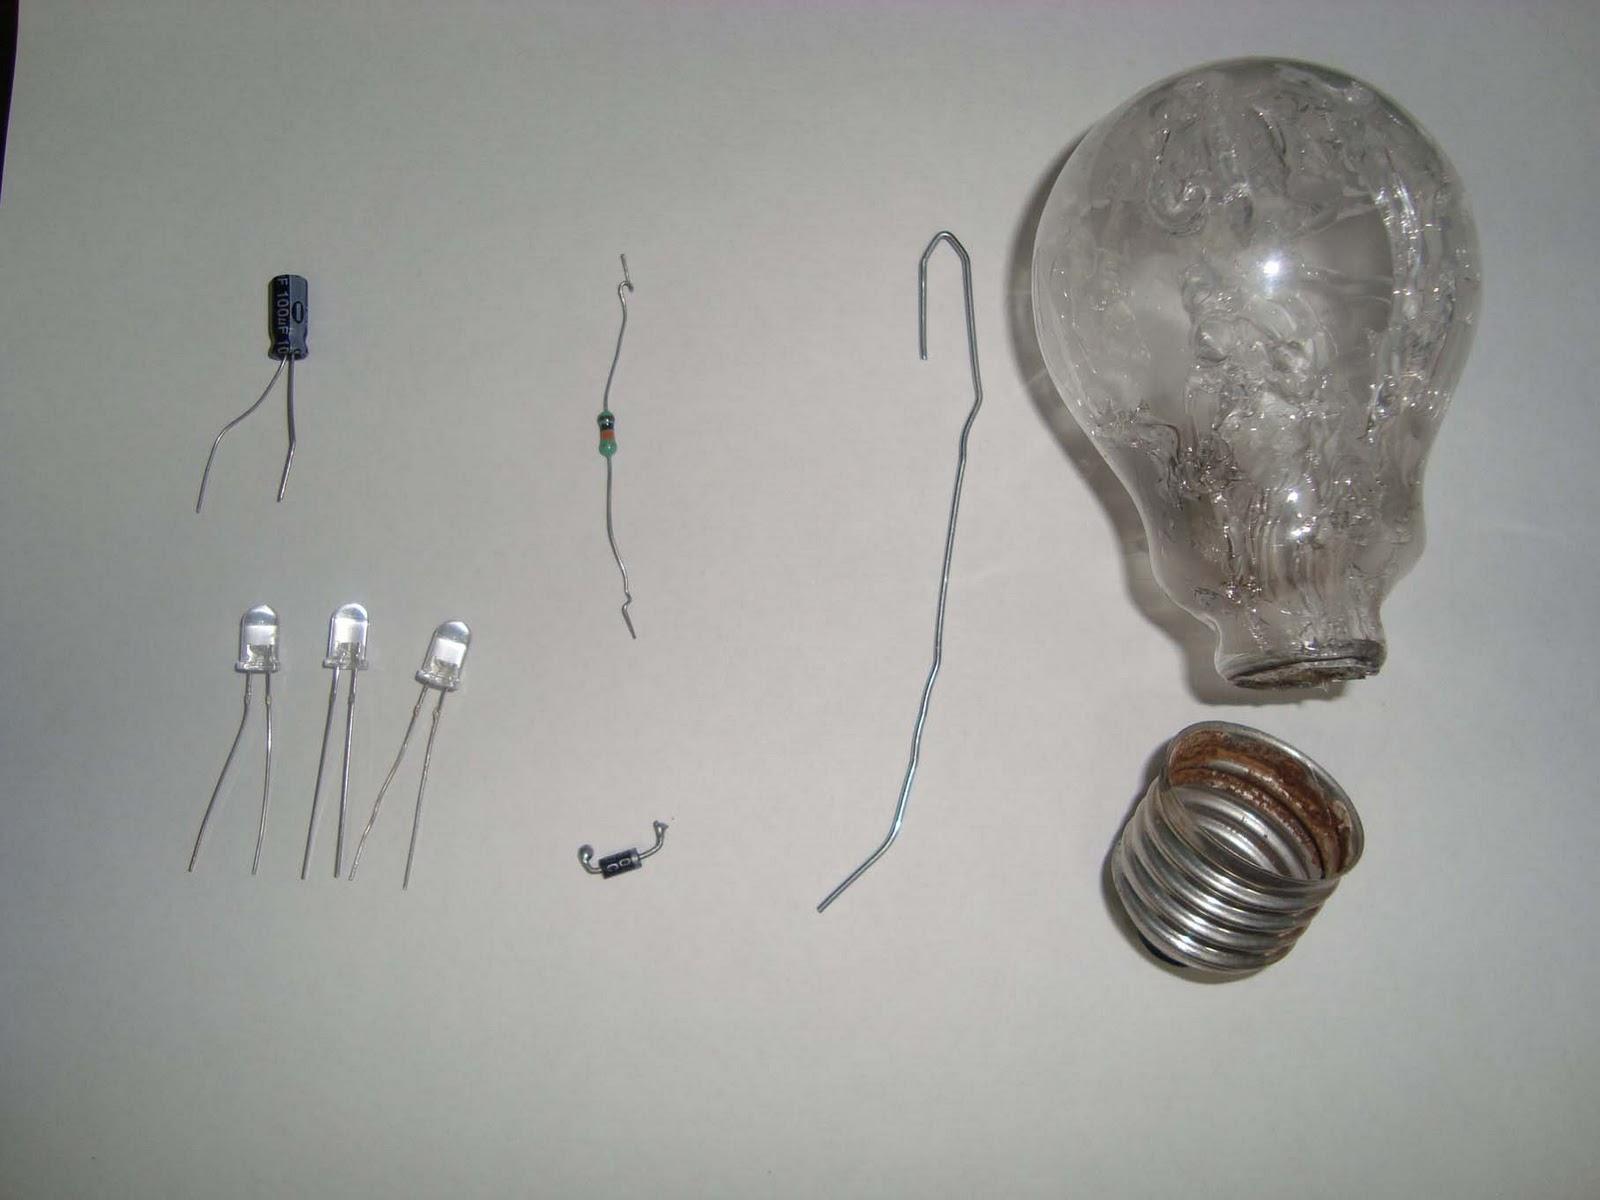 Recytronic a energia do lixo: fazendo uma lâmpada de led